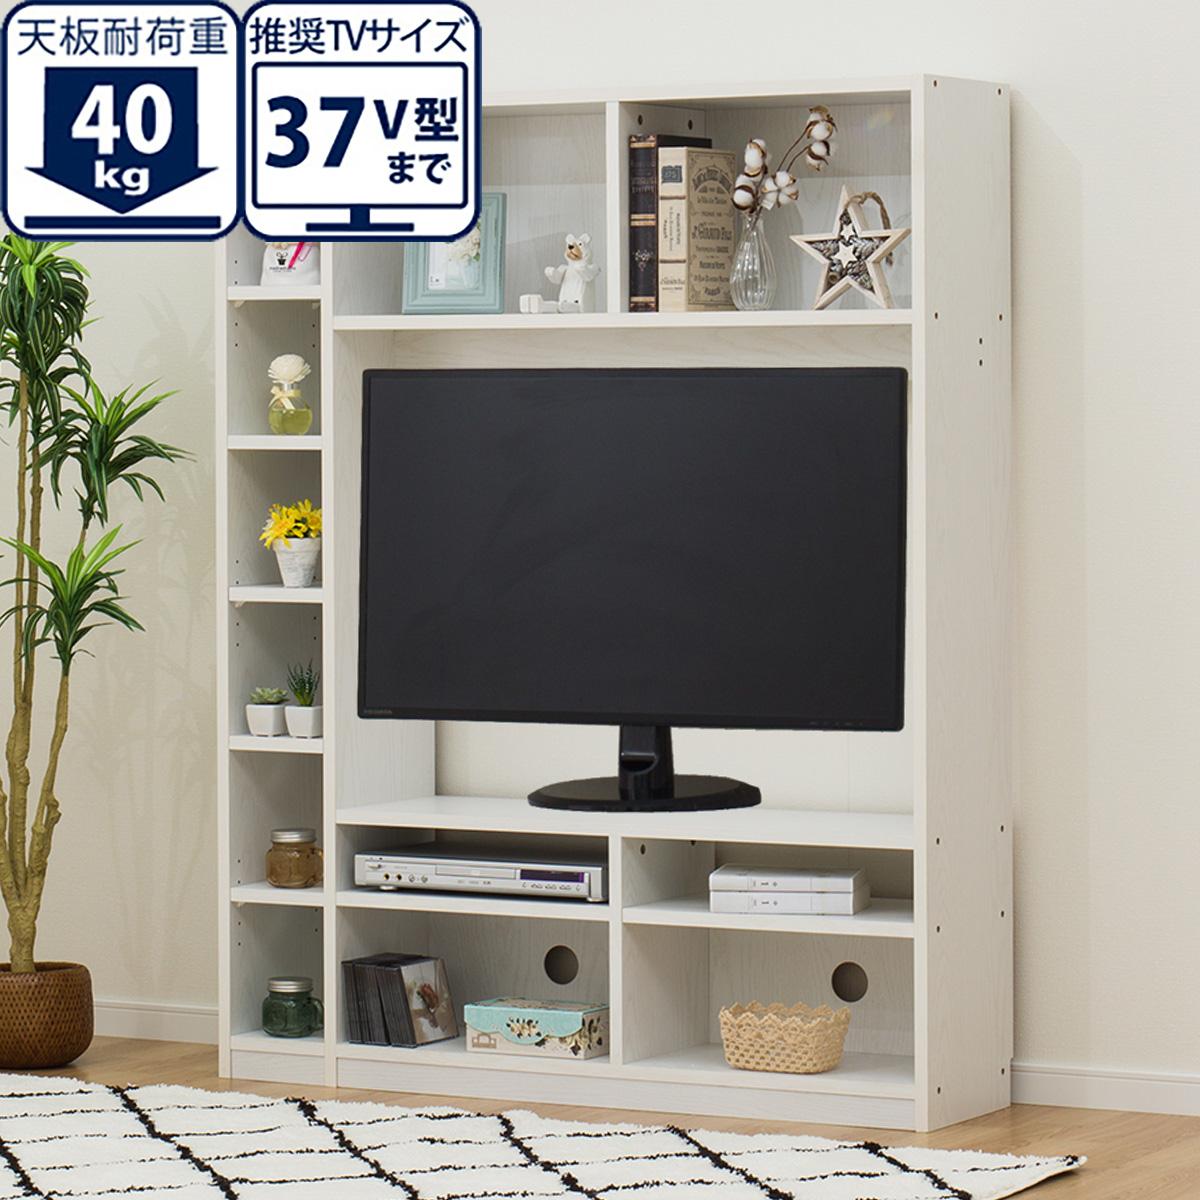 お部屋を広く見せるスリムタイプのテレビボード(Nウェルカー120 WH) ニトリ 【玄関先迄納品】 【1年保証】